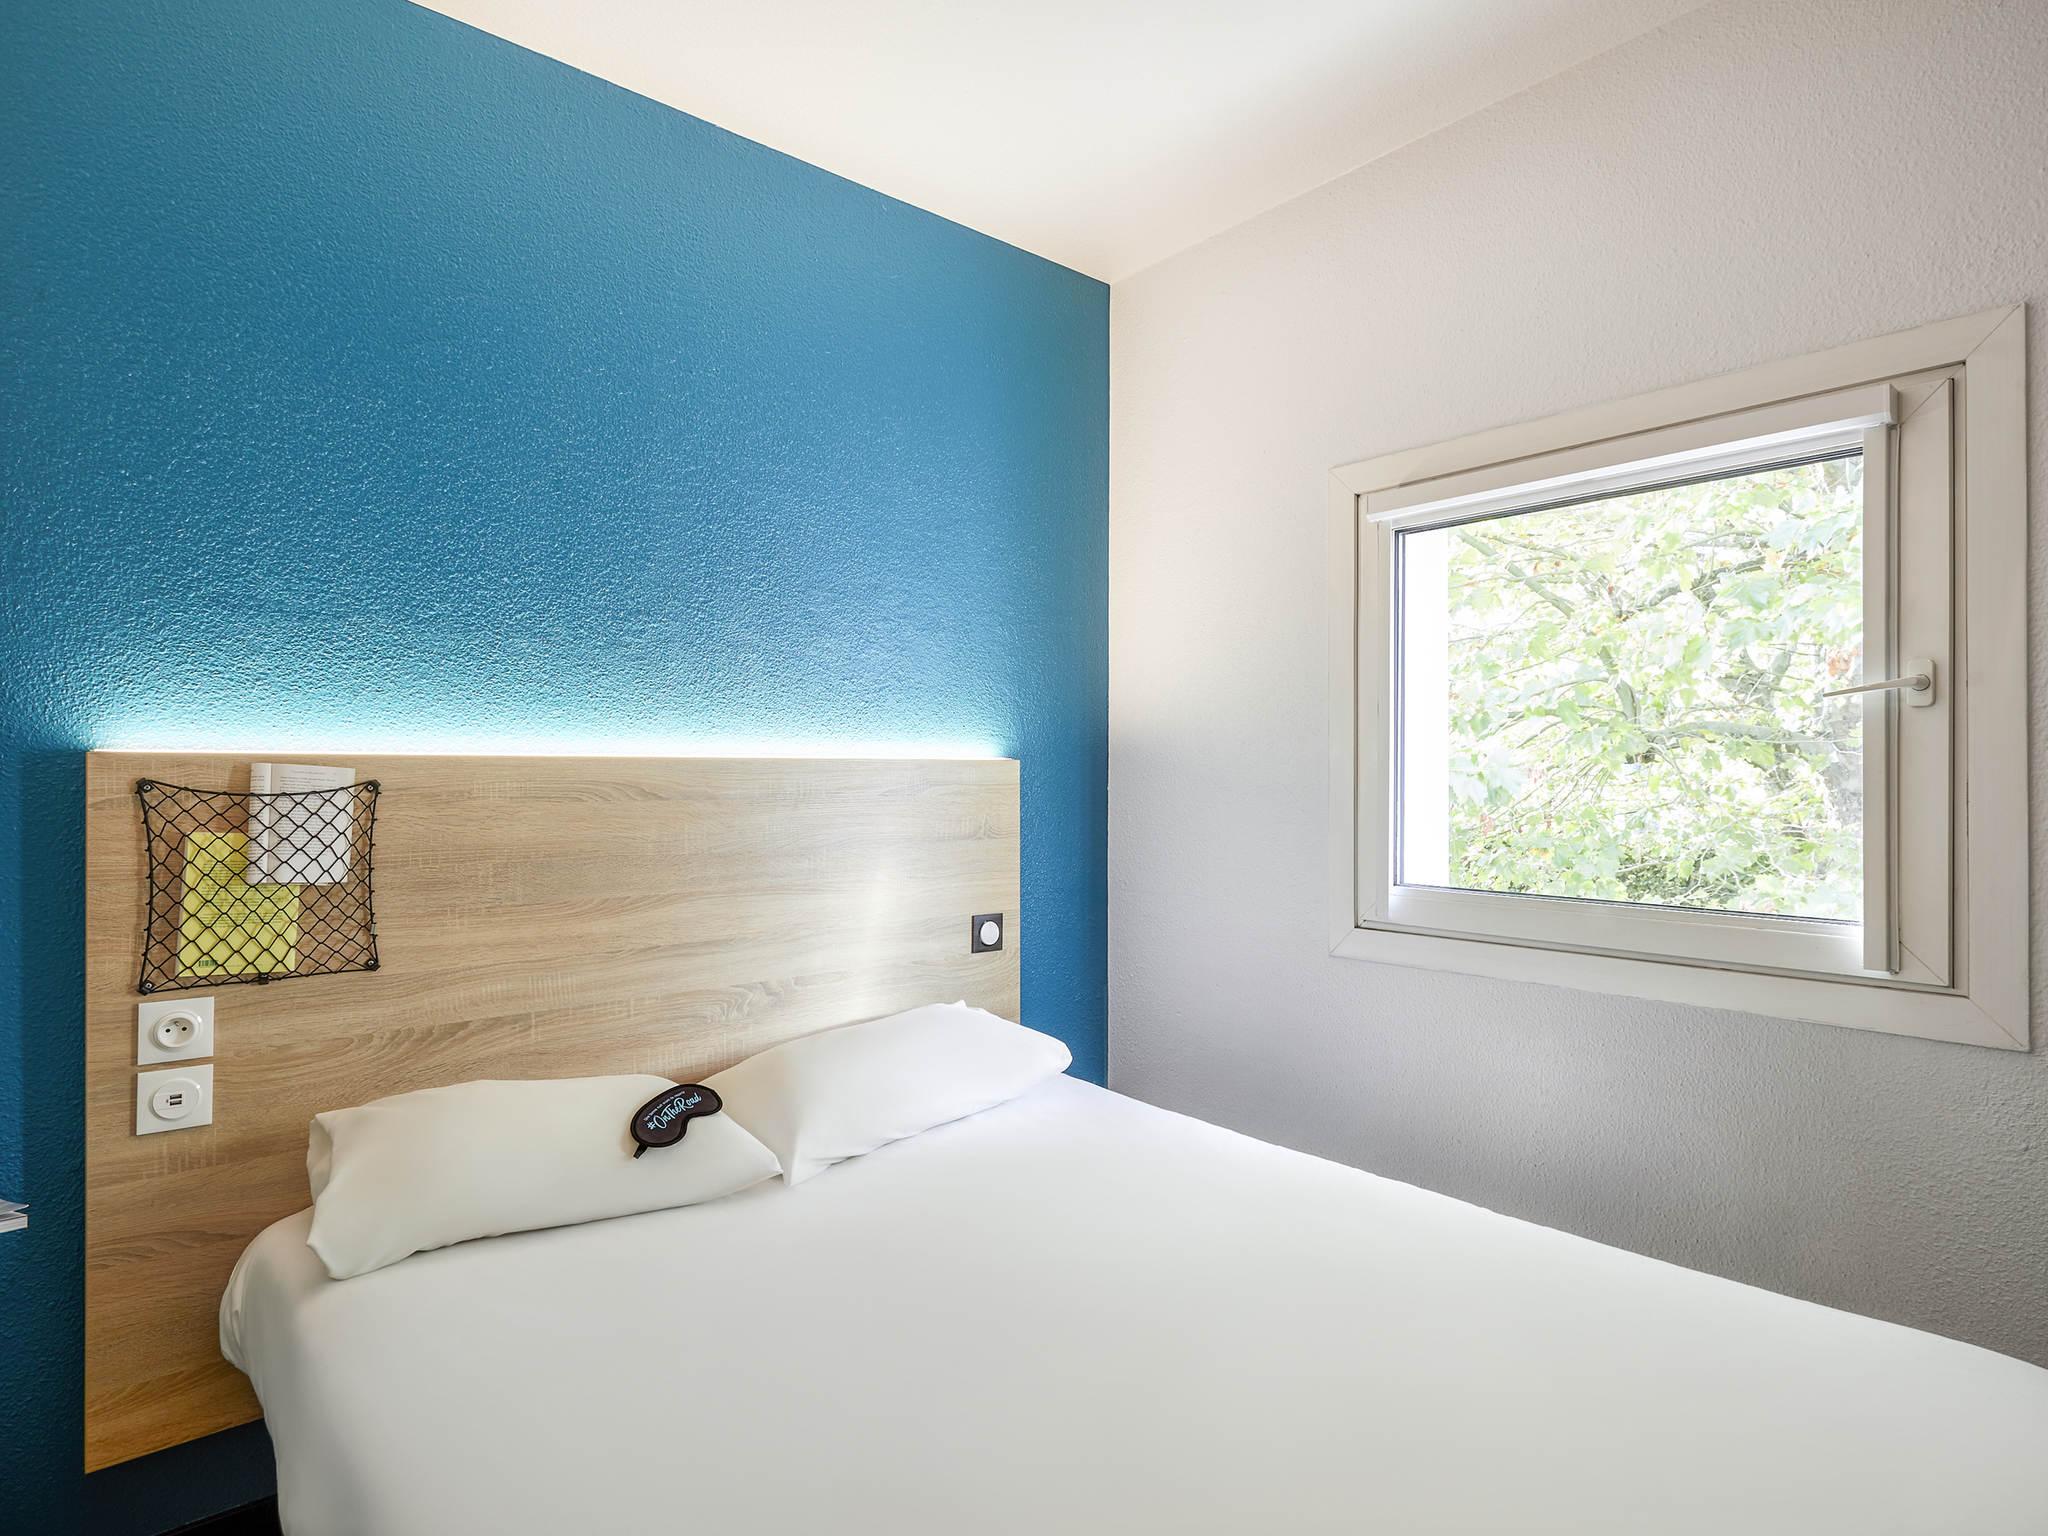 فندق - hotelF1 Lyon Saint-Priest (rénové)